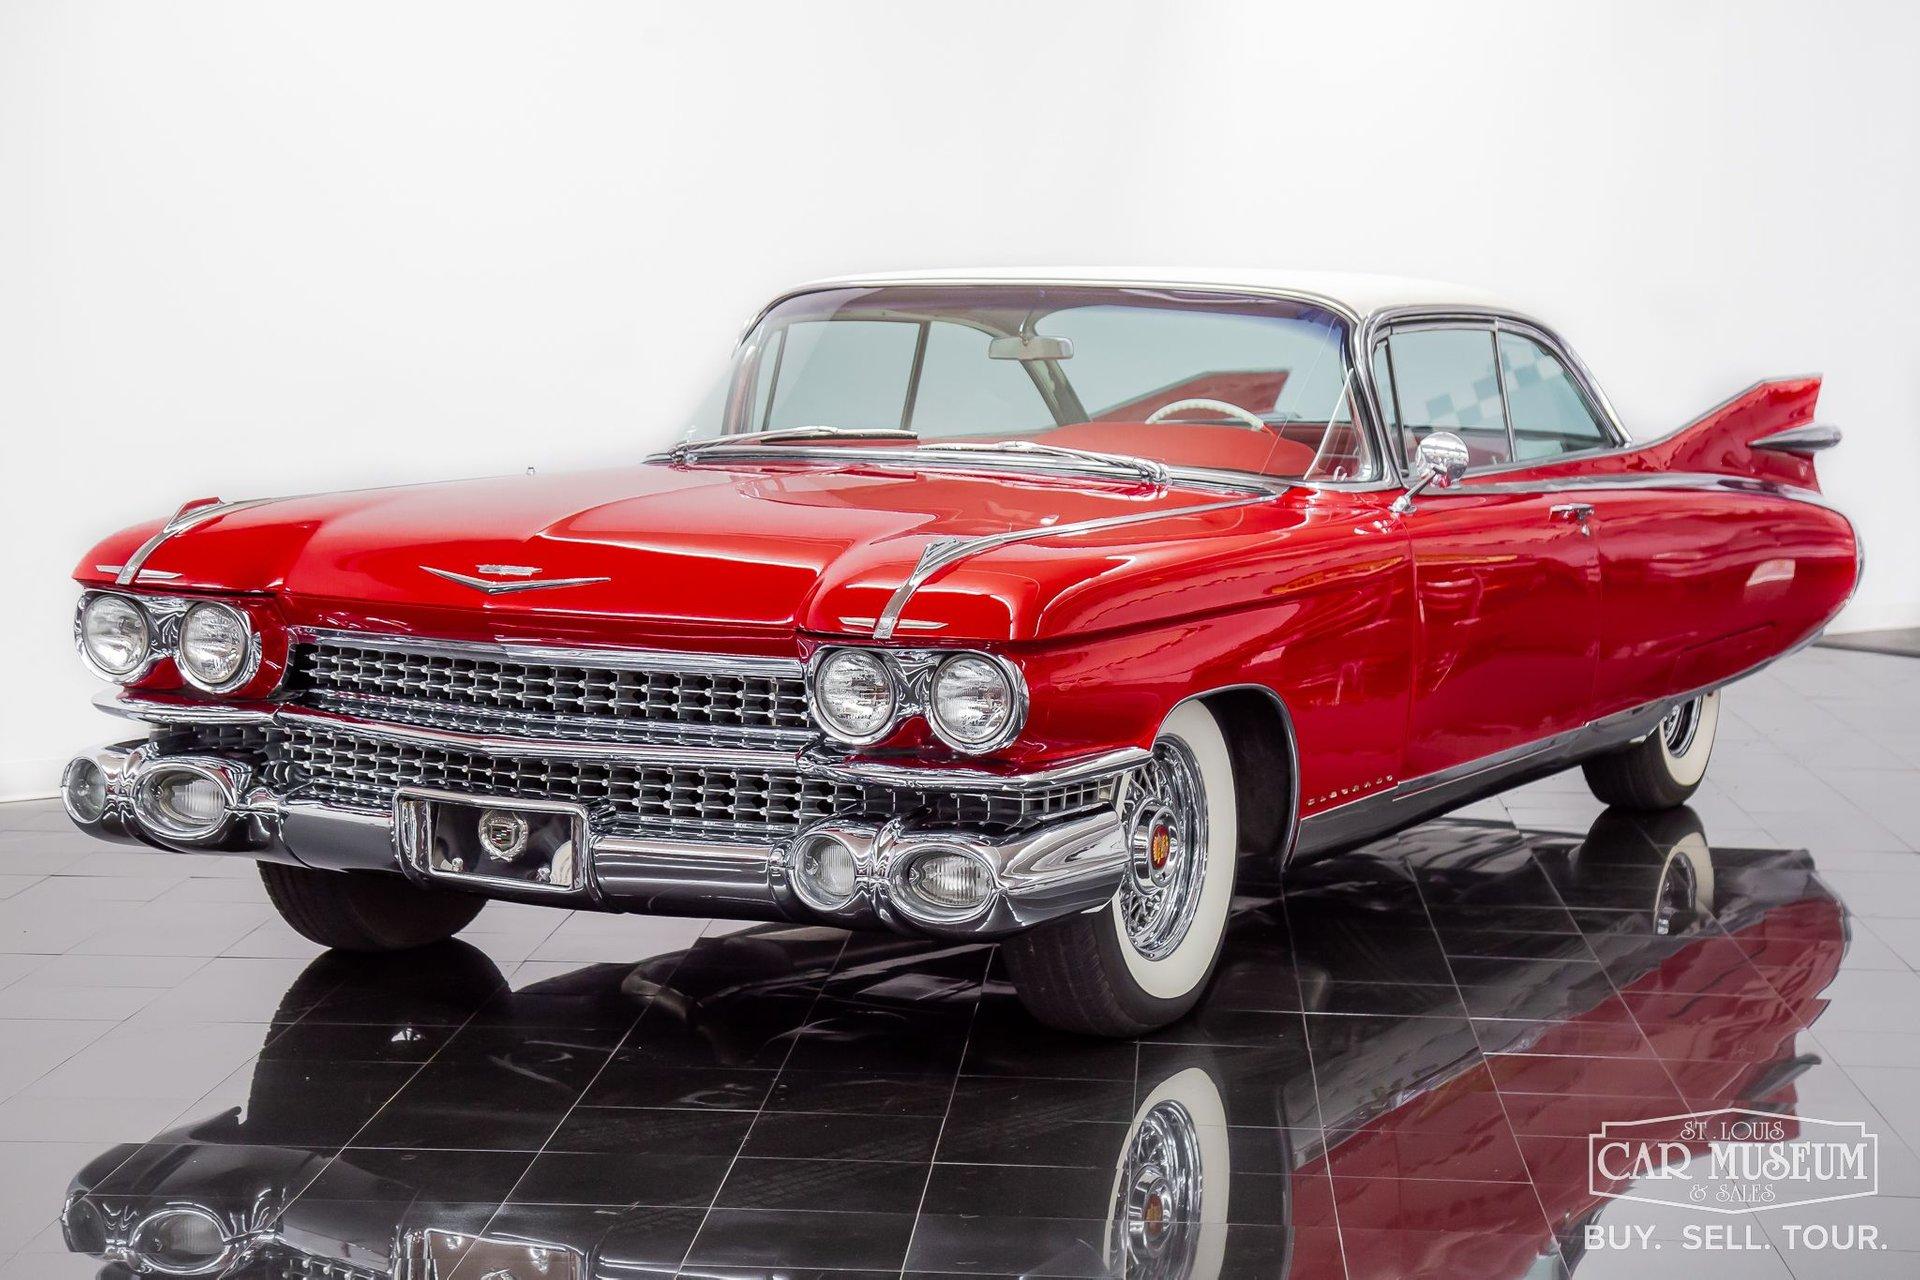 1959 cadillac eldorado seville hardtop coupe